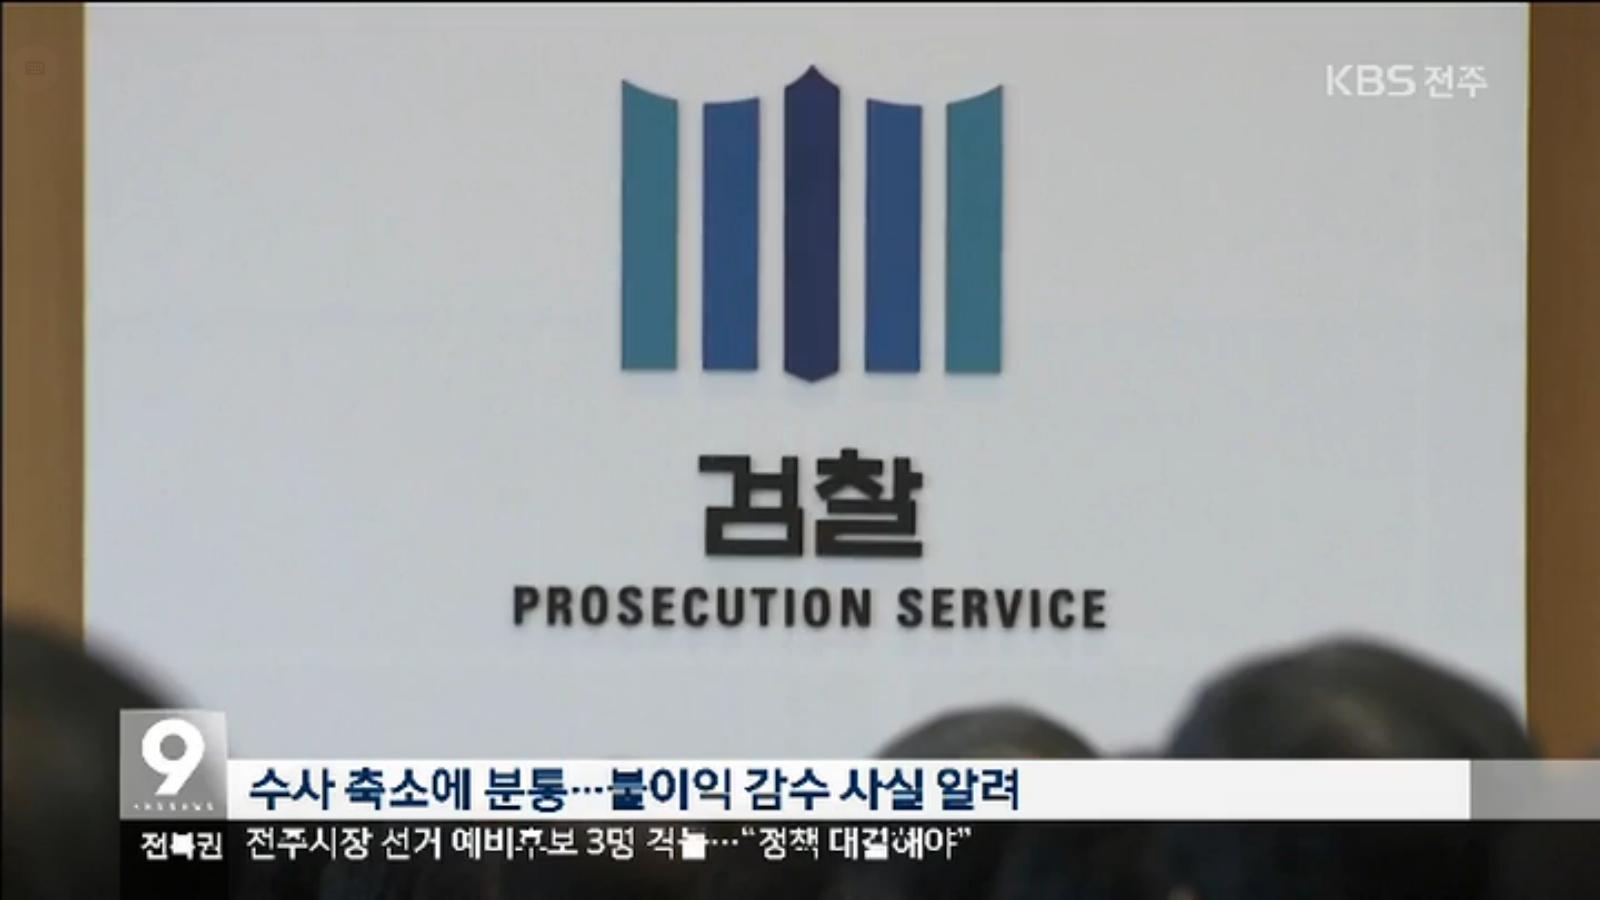 [18.3.30 KBS전주] 전주봉침게이트 재수사여론 빗발... 검찰, 자정 시급7.jpg